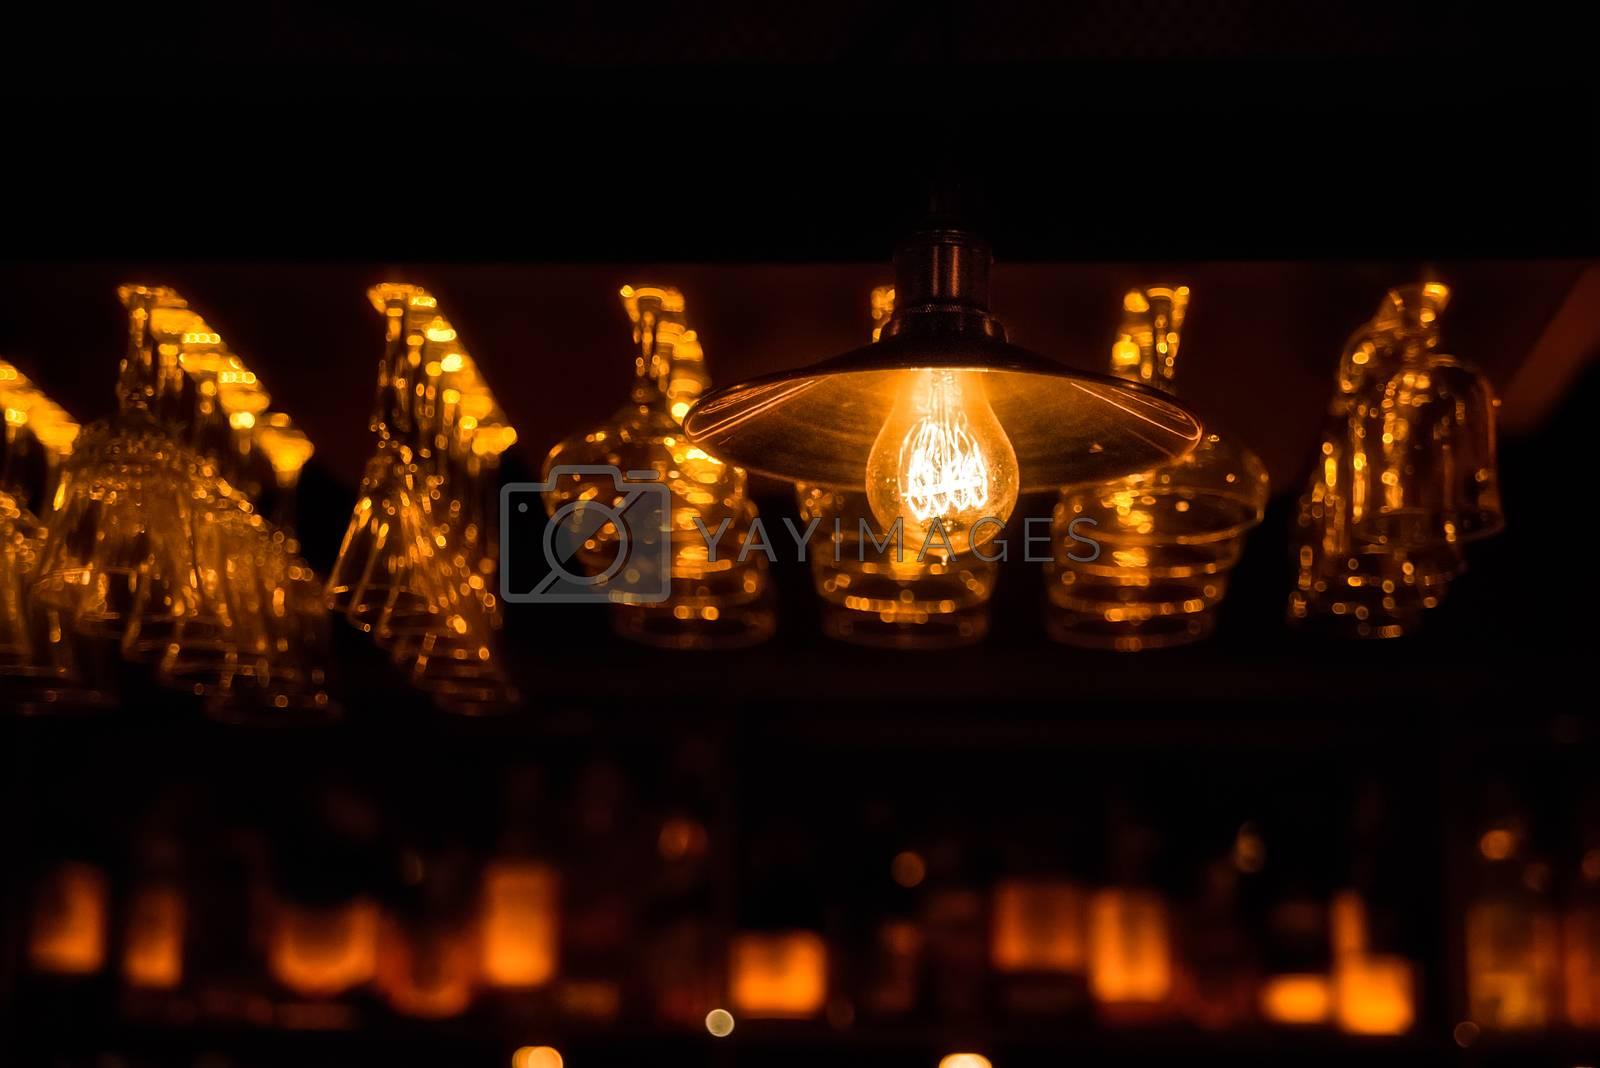 Illumination at the bar by Nickstock